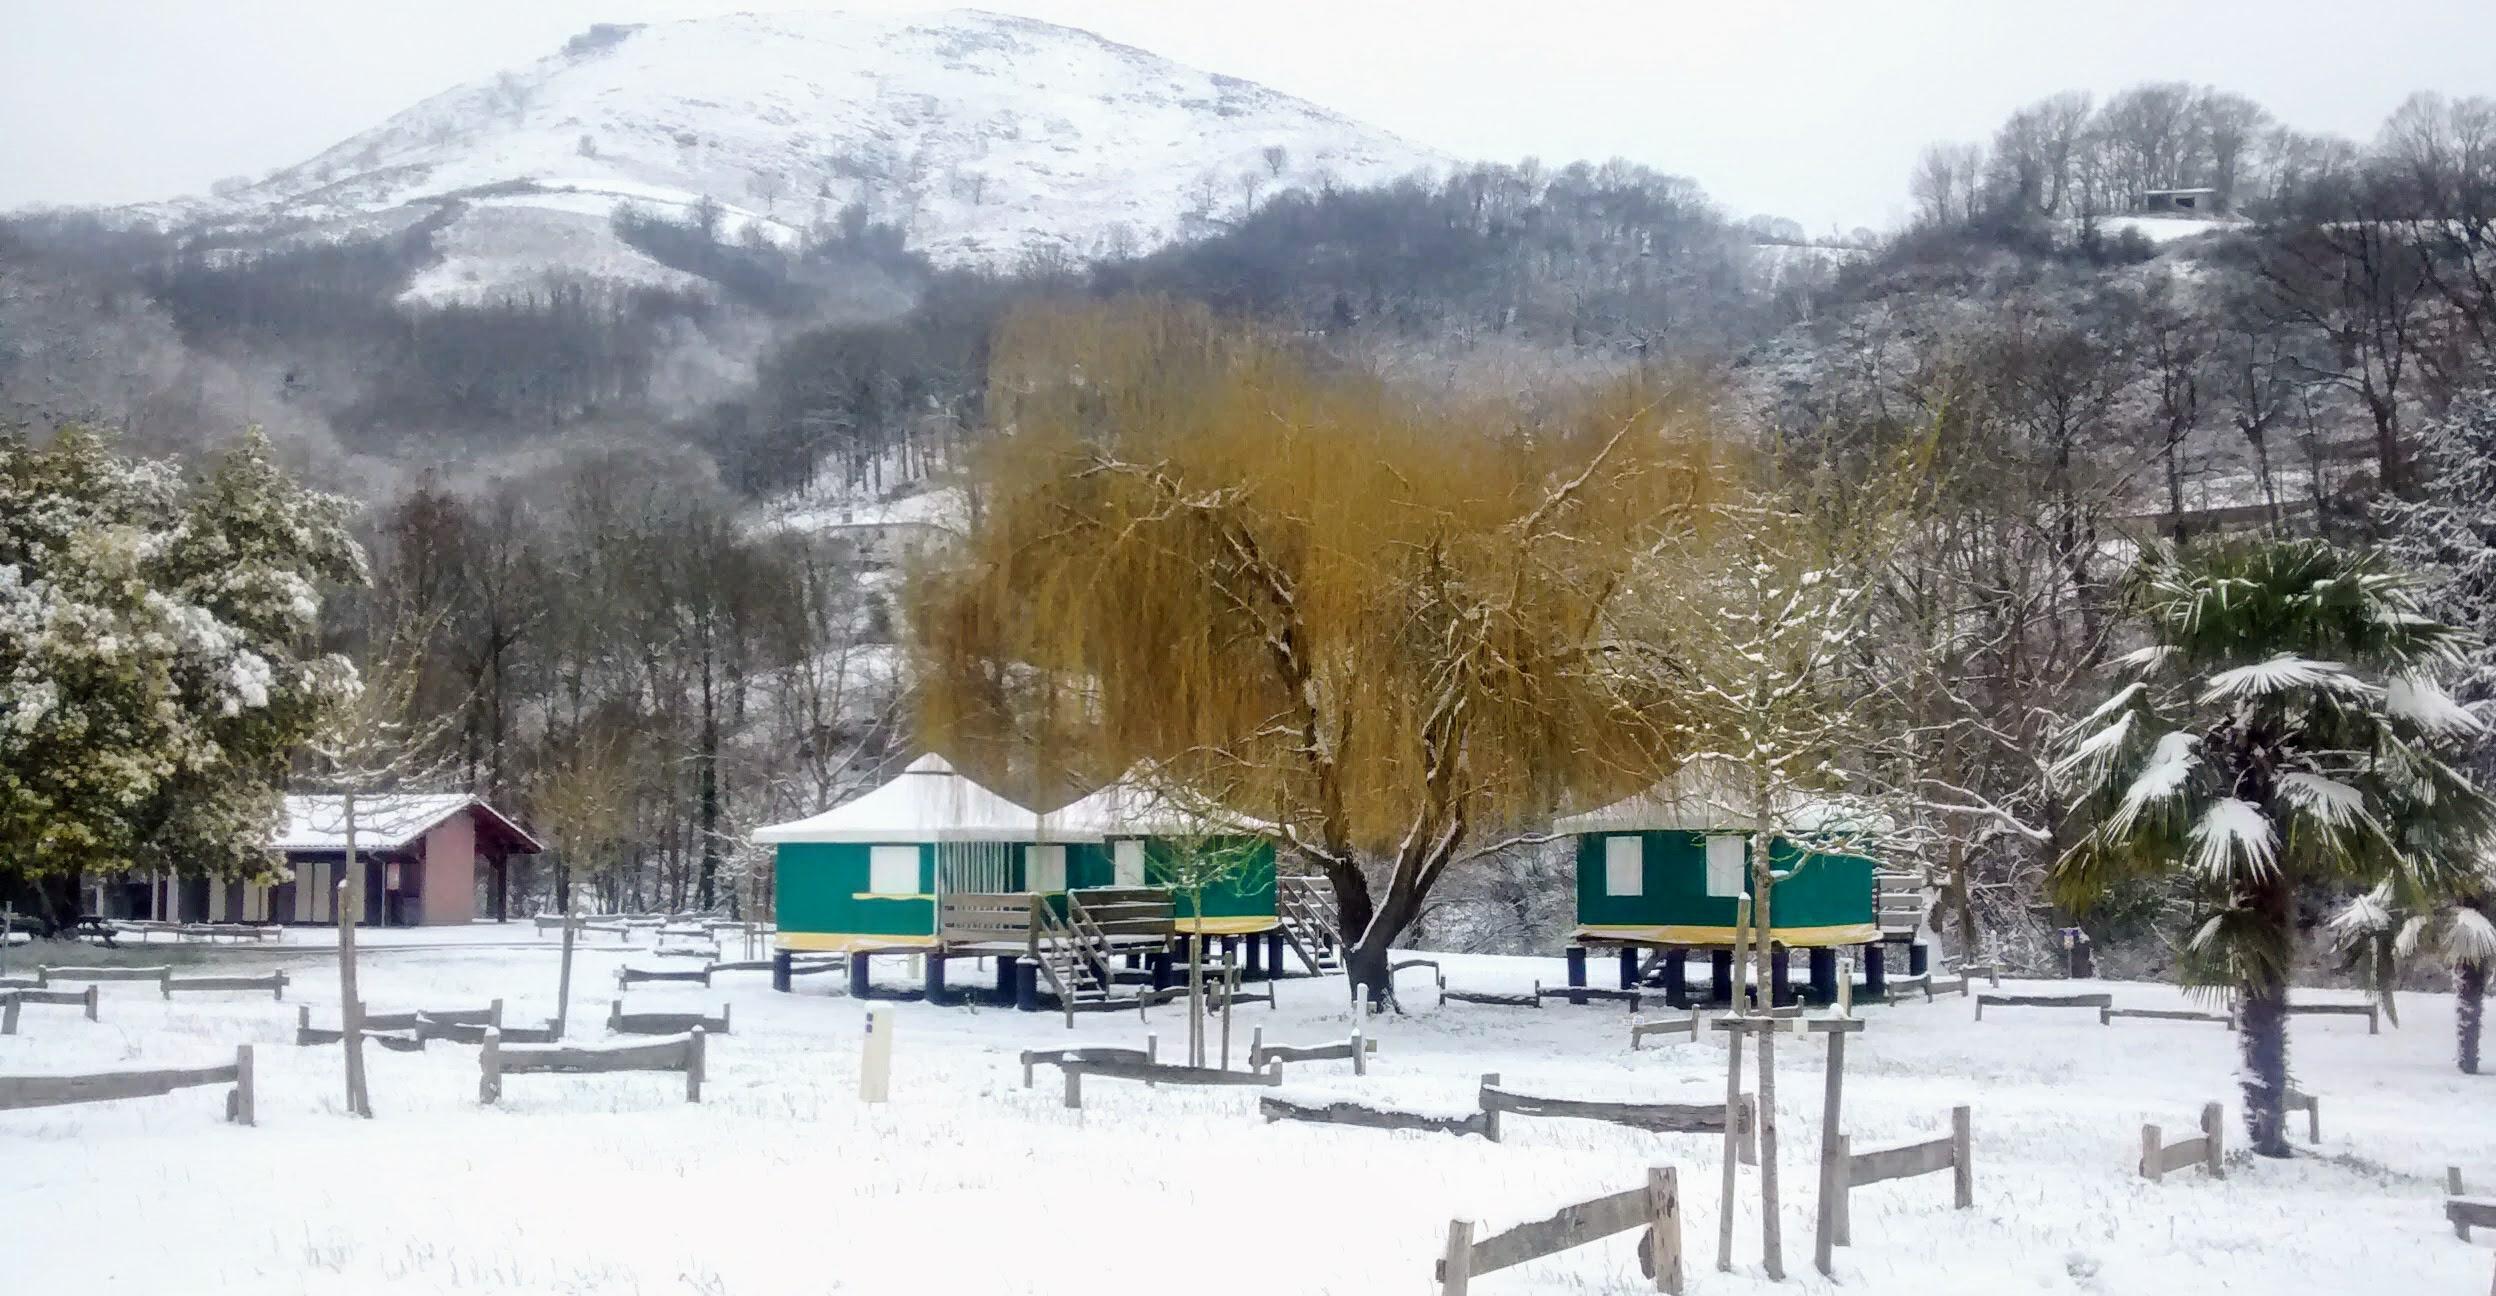 Camping Amestoya en Bidarray bajo la nieve